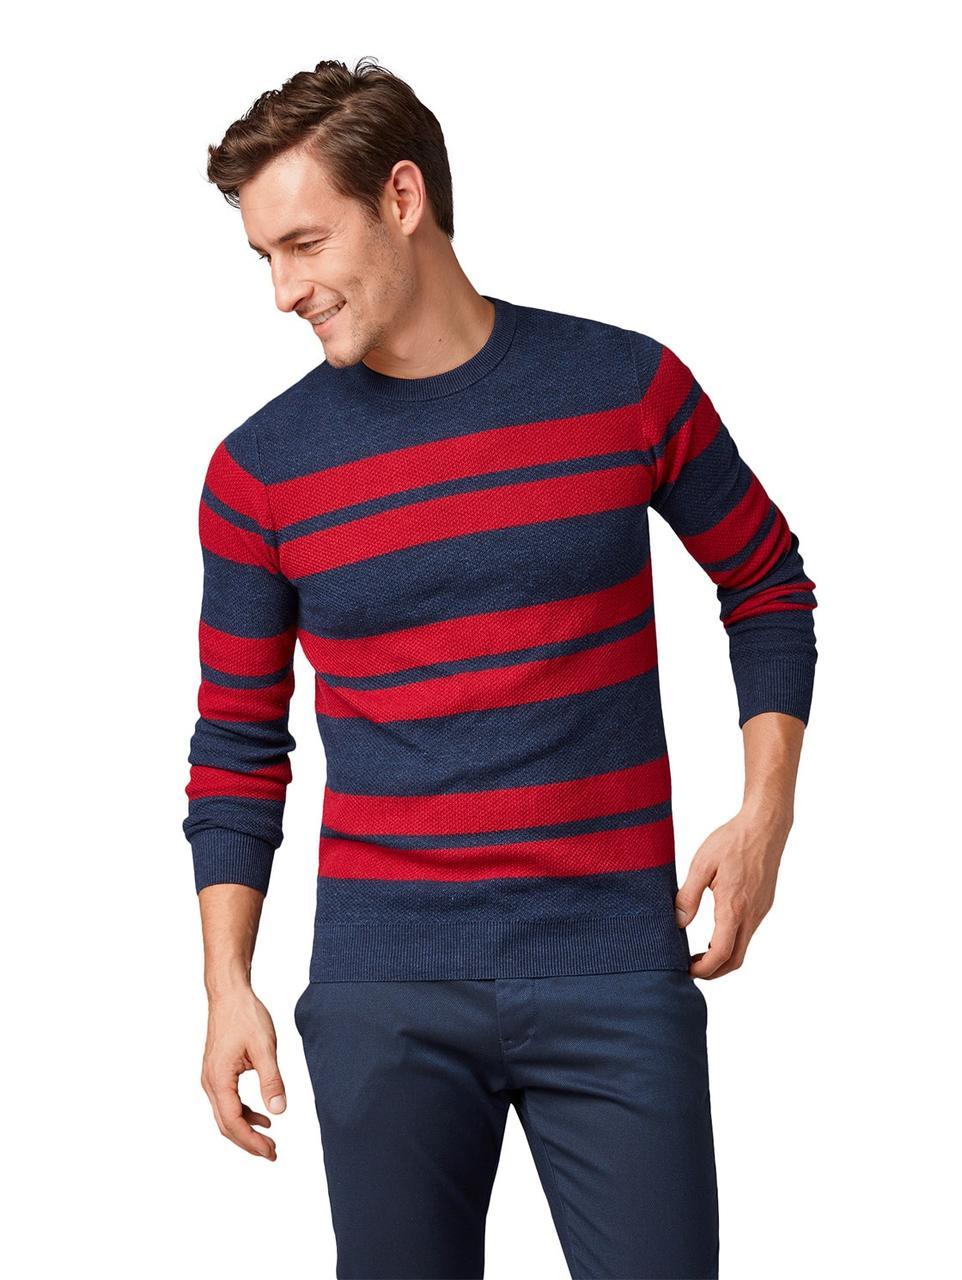 Джемпер Tom Tailor 1004938 XXL Синий с красным